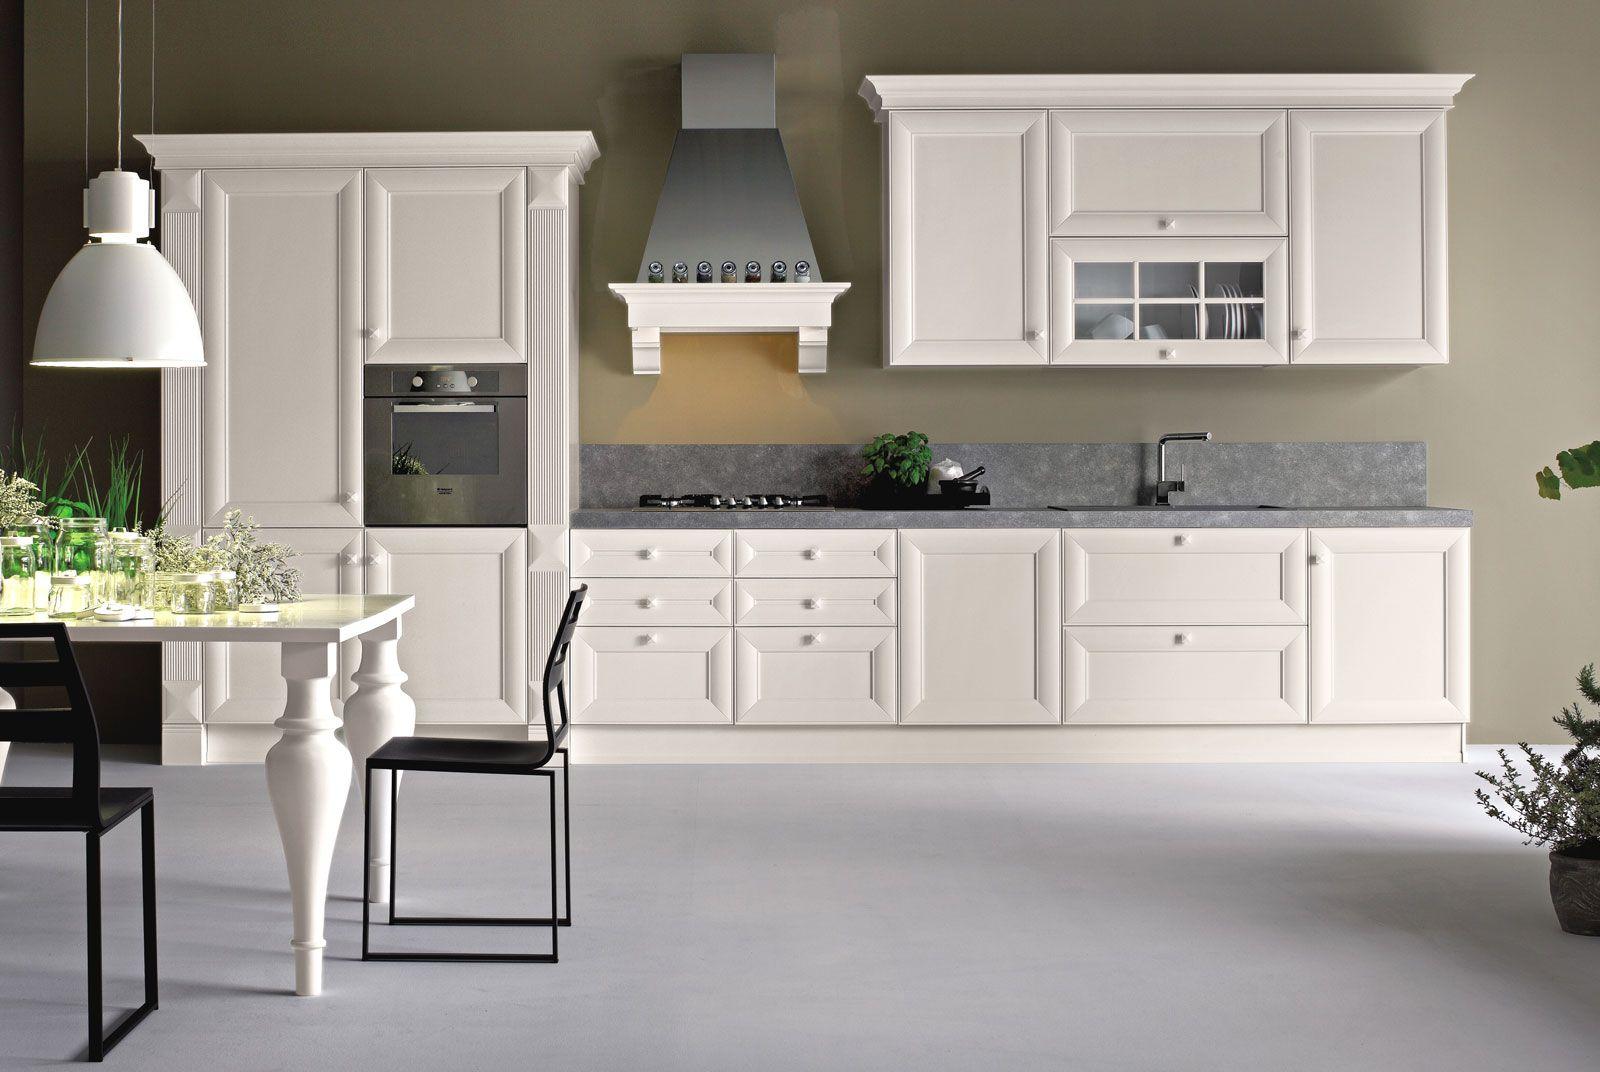 Cucina bianca: il fascino eterno della luminosità | Interiors and ...